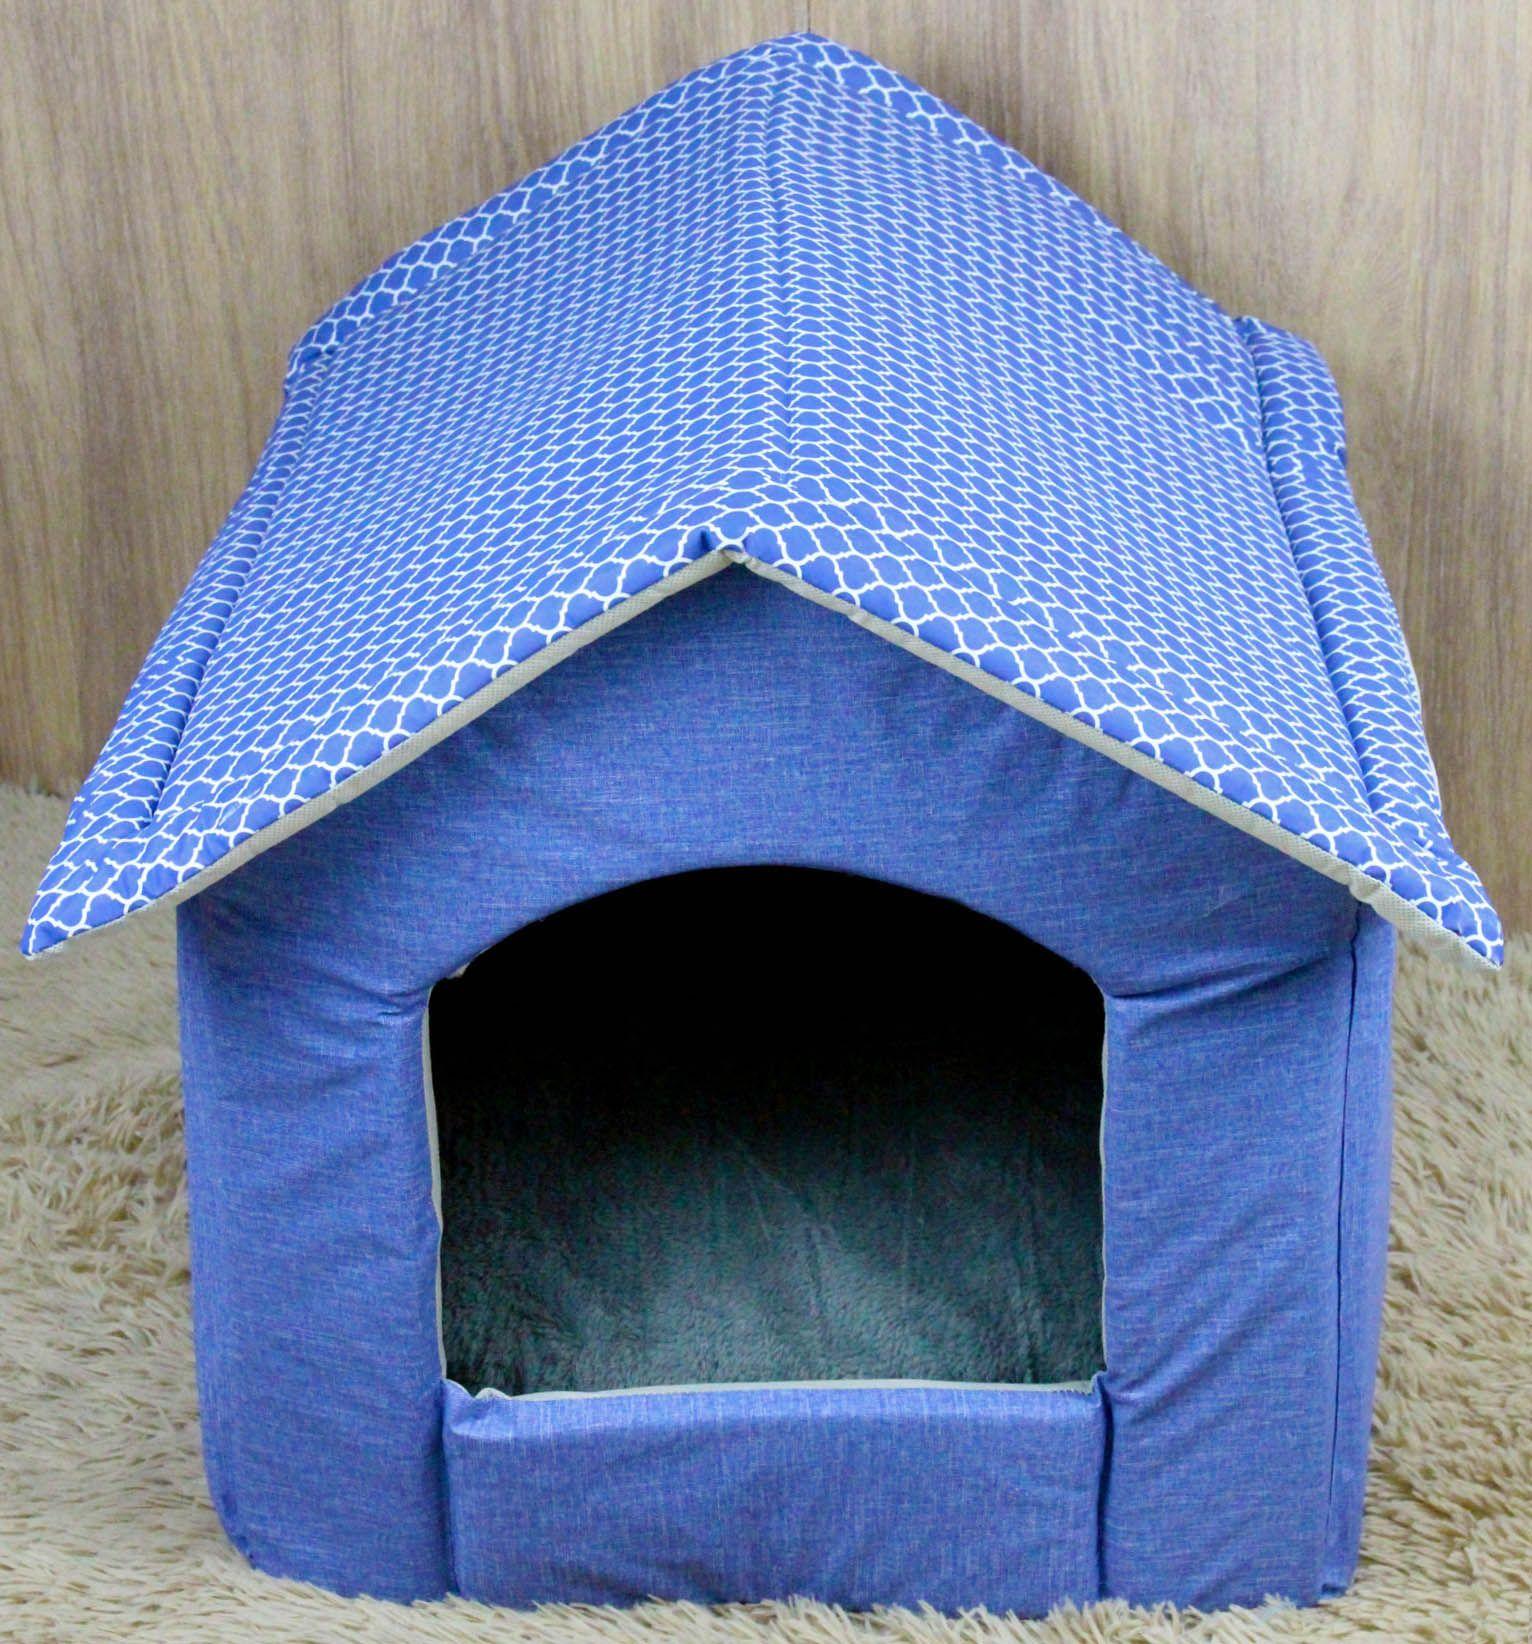 Casinha para Cachorro e Gato - Courino e Microfibra Azul Arabescos -  Almofada com Zíper - f6b63d78434